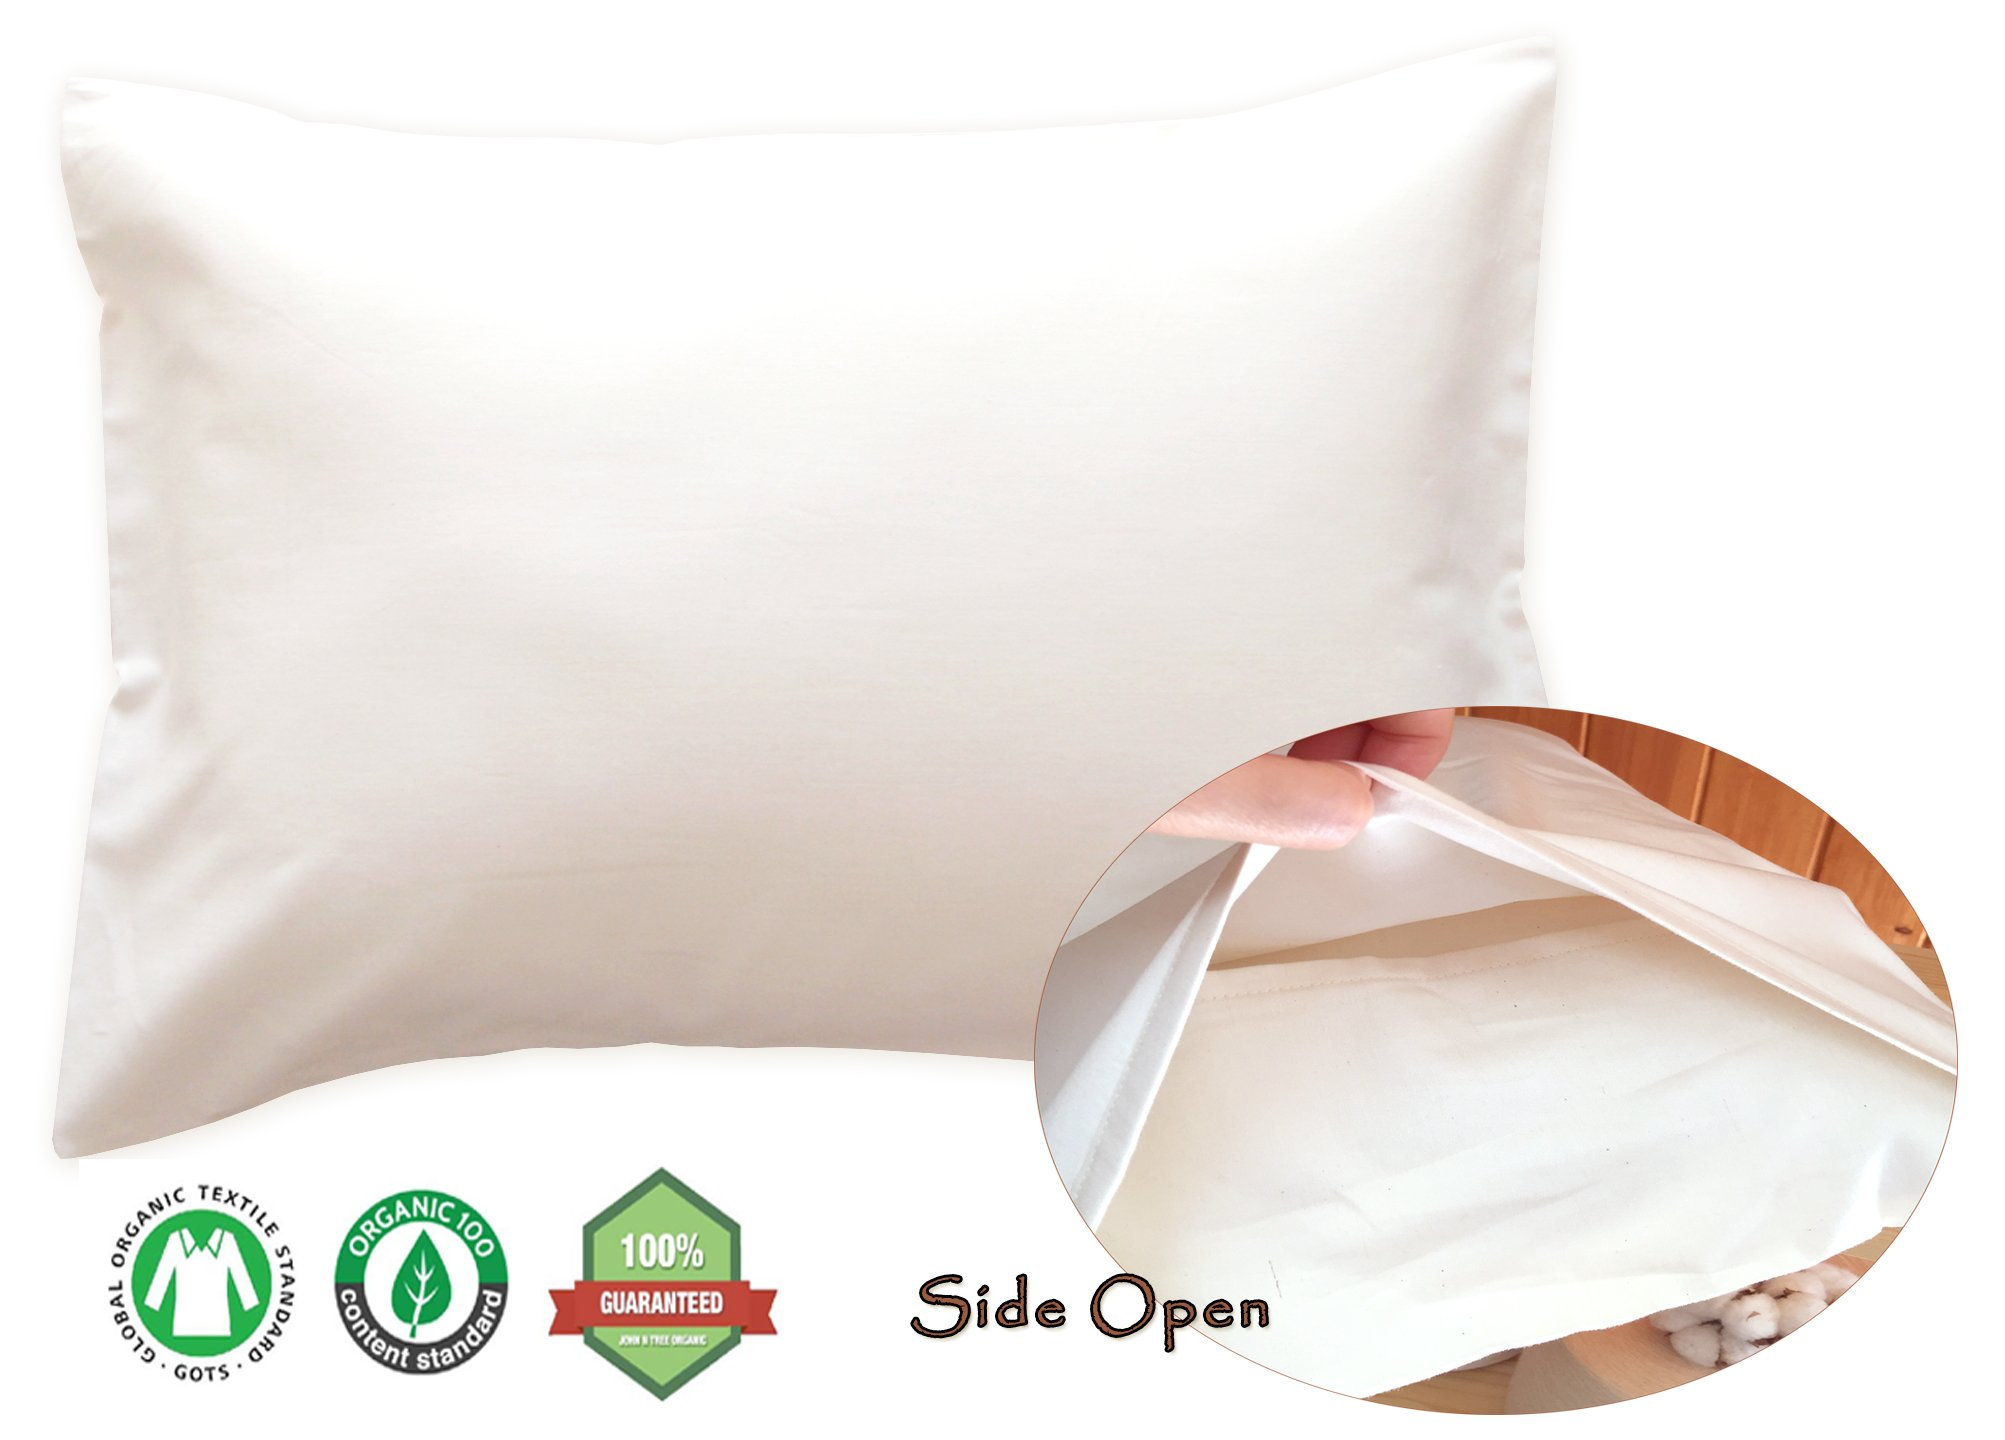 JOHN N TREE Organic Organic Cotton Toddler Pillowcase for 13 18 ((Natural Basic -Side Open) Toddler PillowCase)